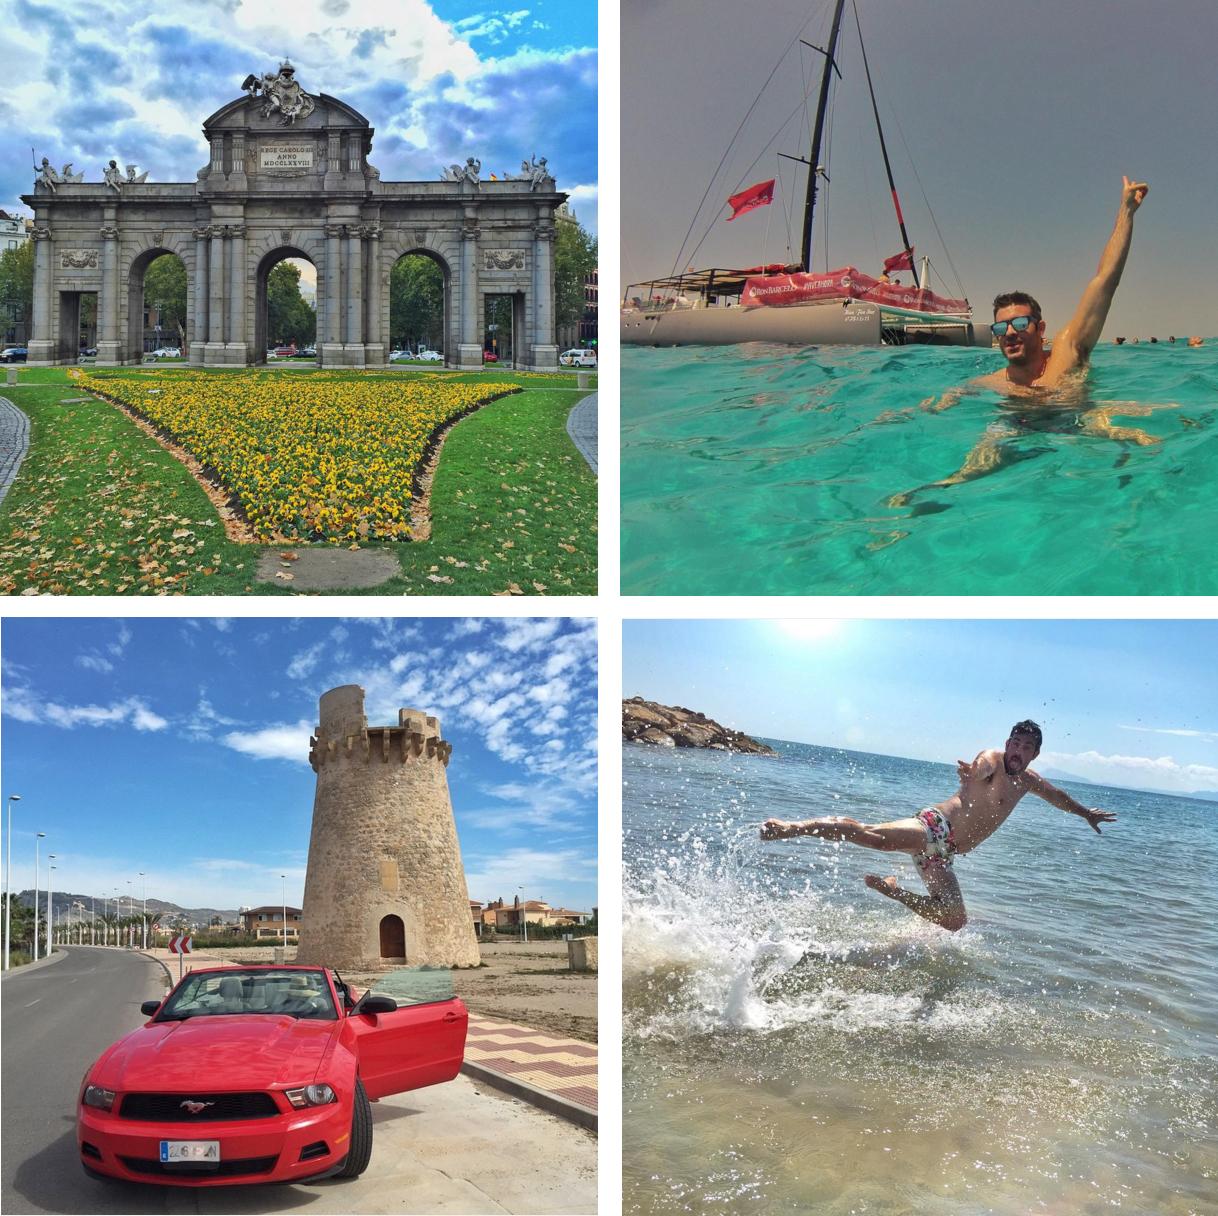 España memoria de viajes 2015 - 23766342359 fdb527408a o - Memoria de Viajes 2015